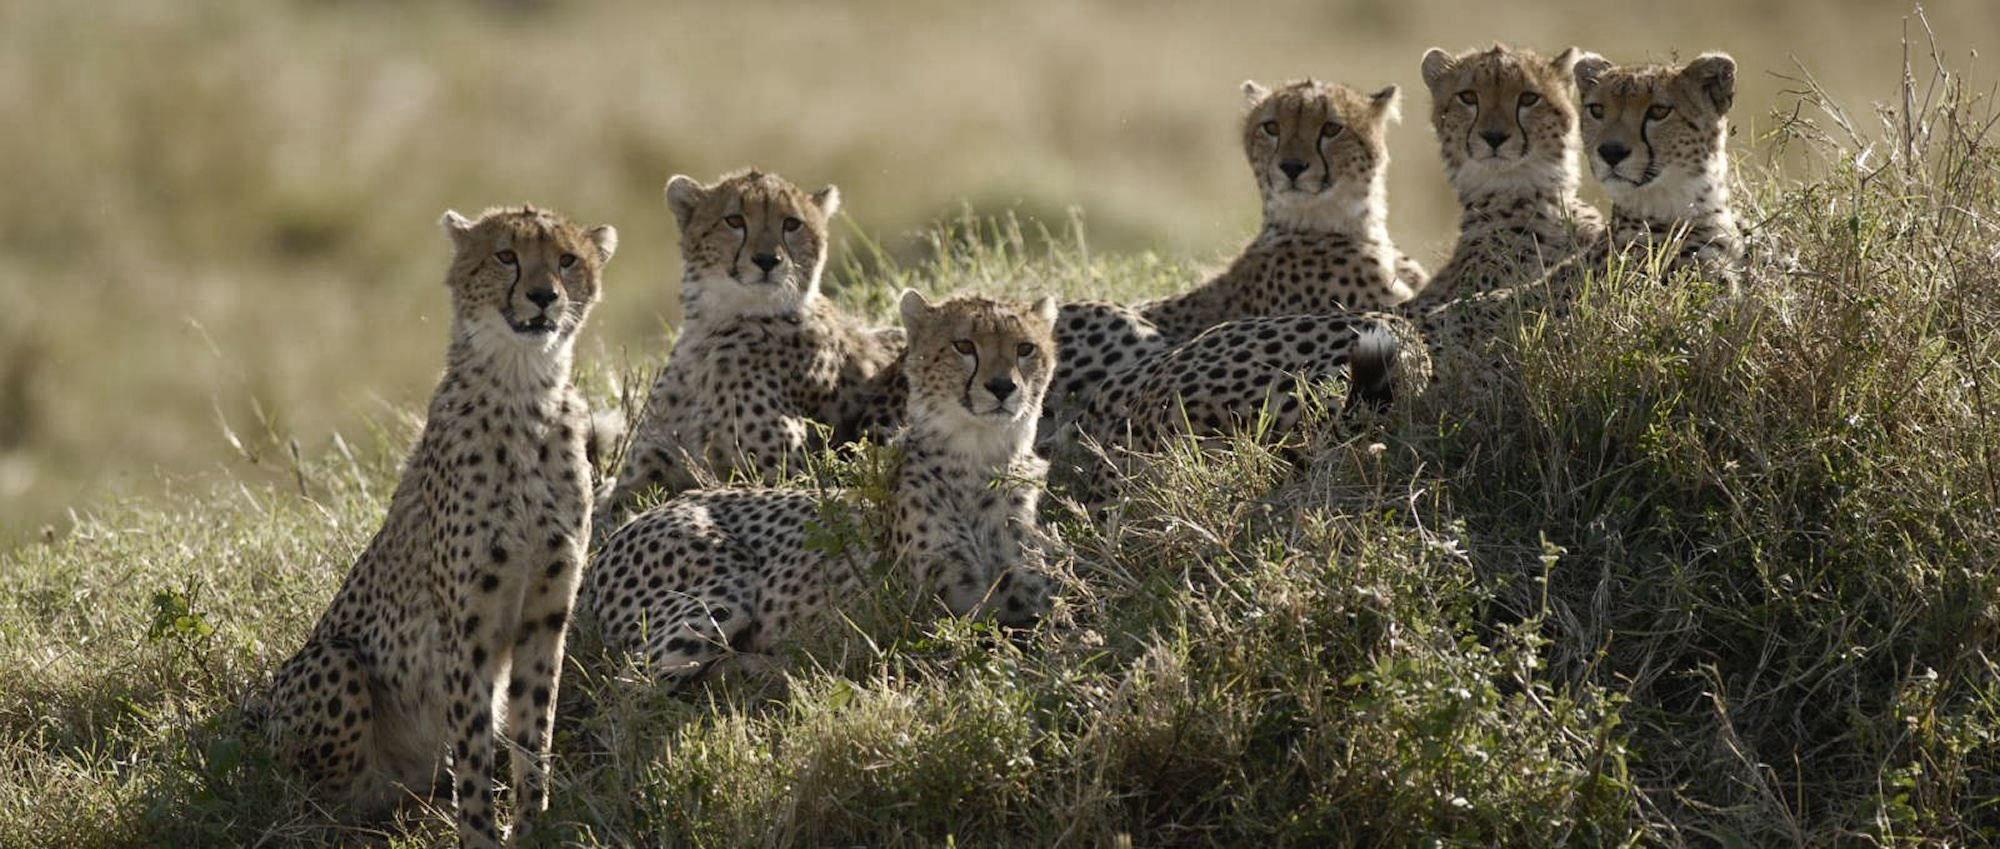 Cheetahs of the Maru